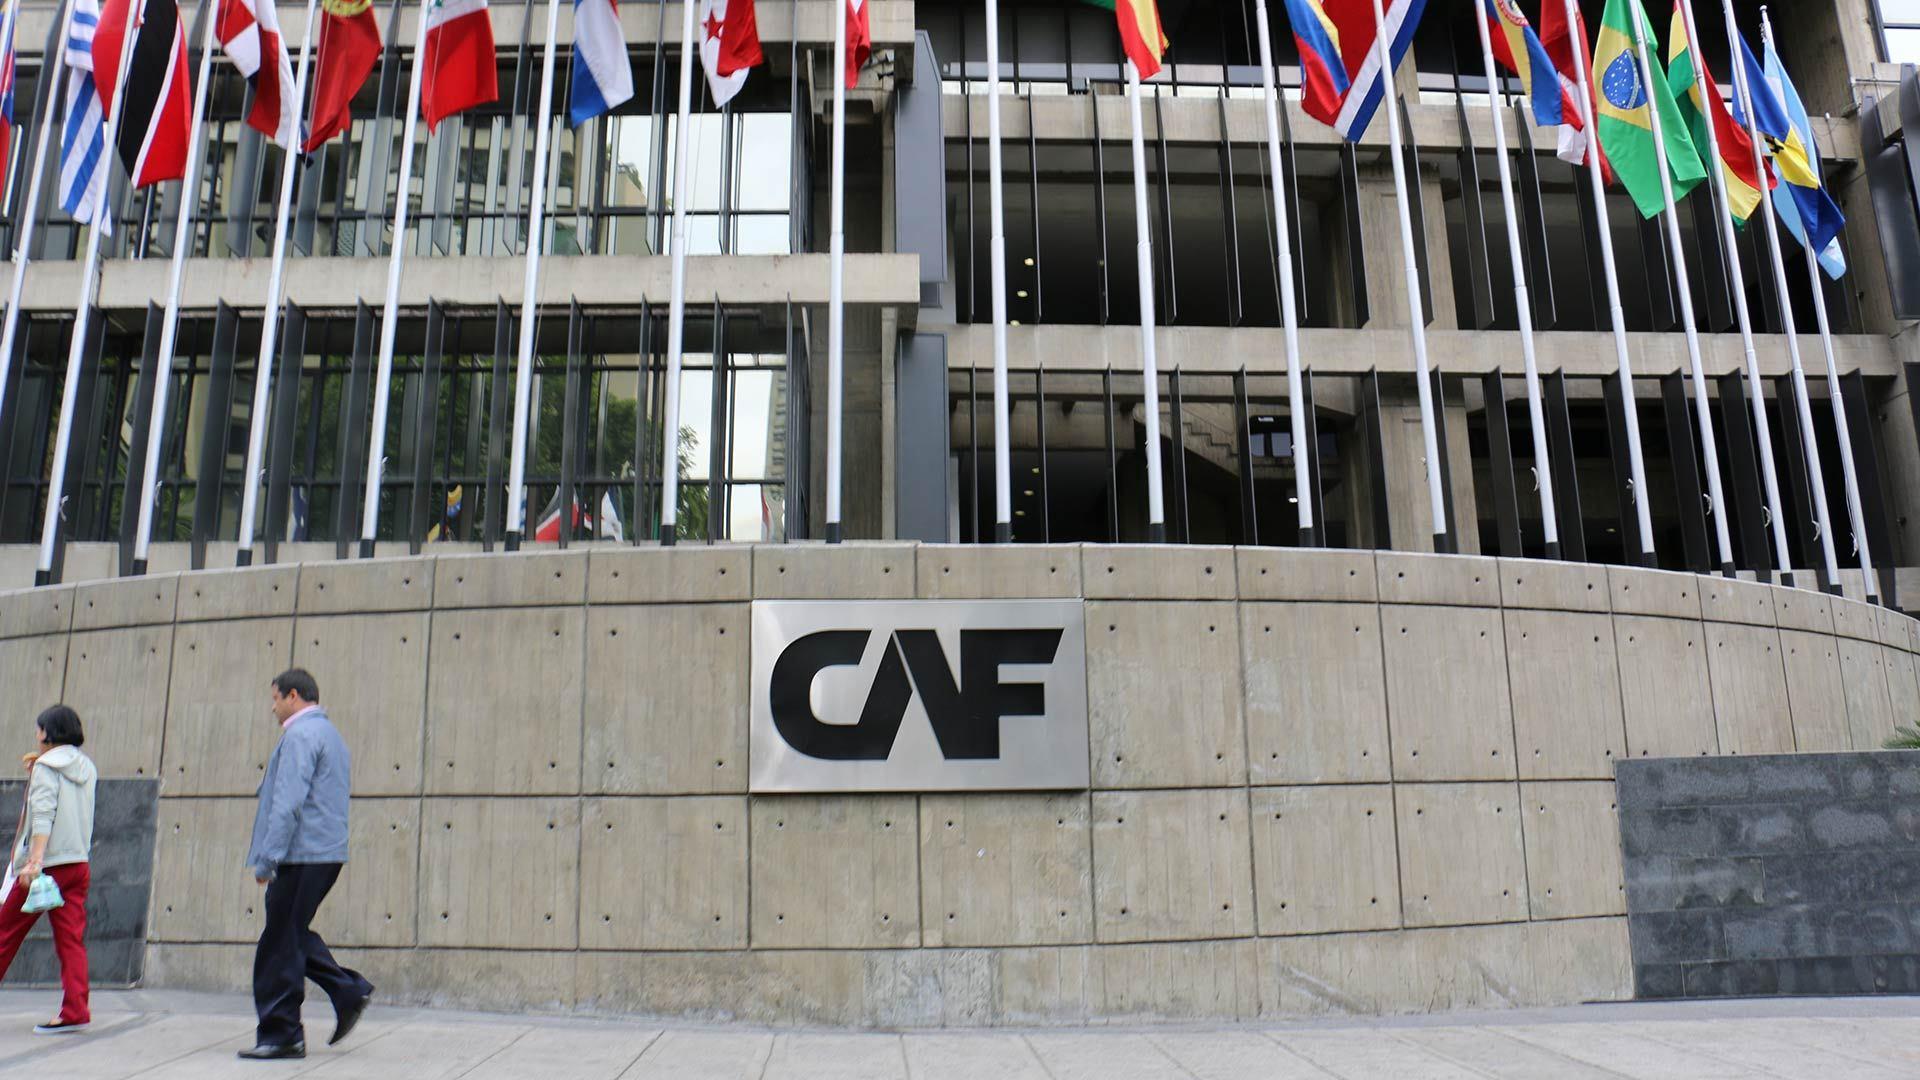 CAF quiere limpiar su balance financiero con la compra de acciones venezolanas